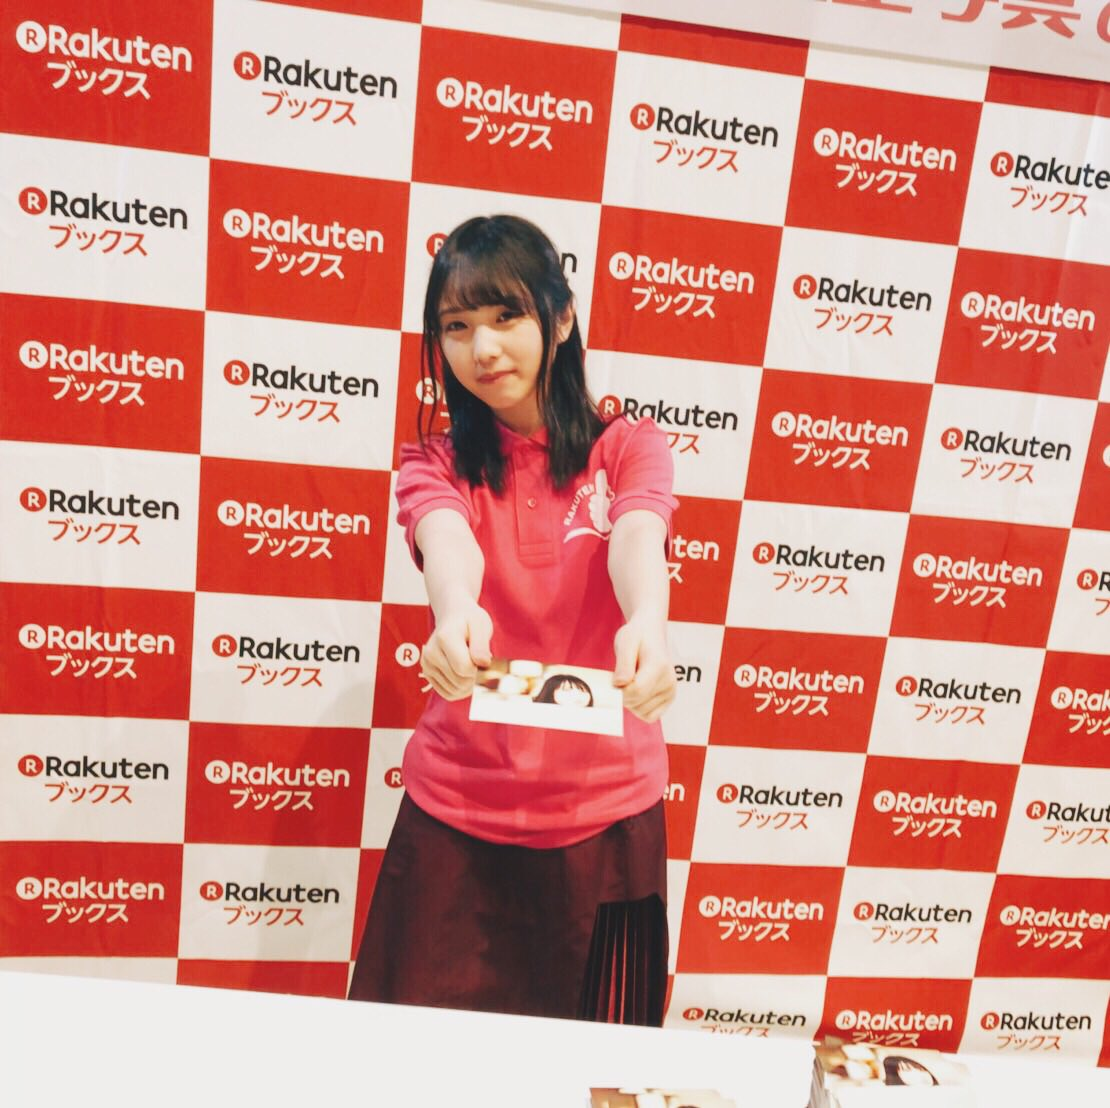 本日は楽天ブックスさん主催の生写真お渡し会でした♪ 与田さん、1日店長お疲れ様でした! 皆さま、写真集...